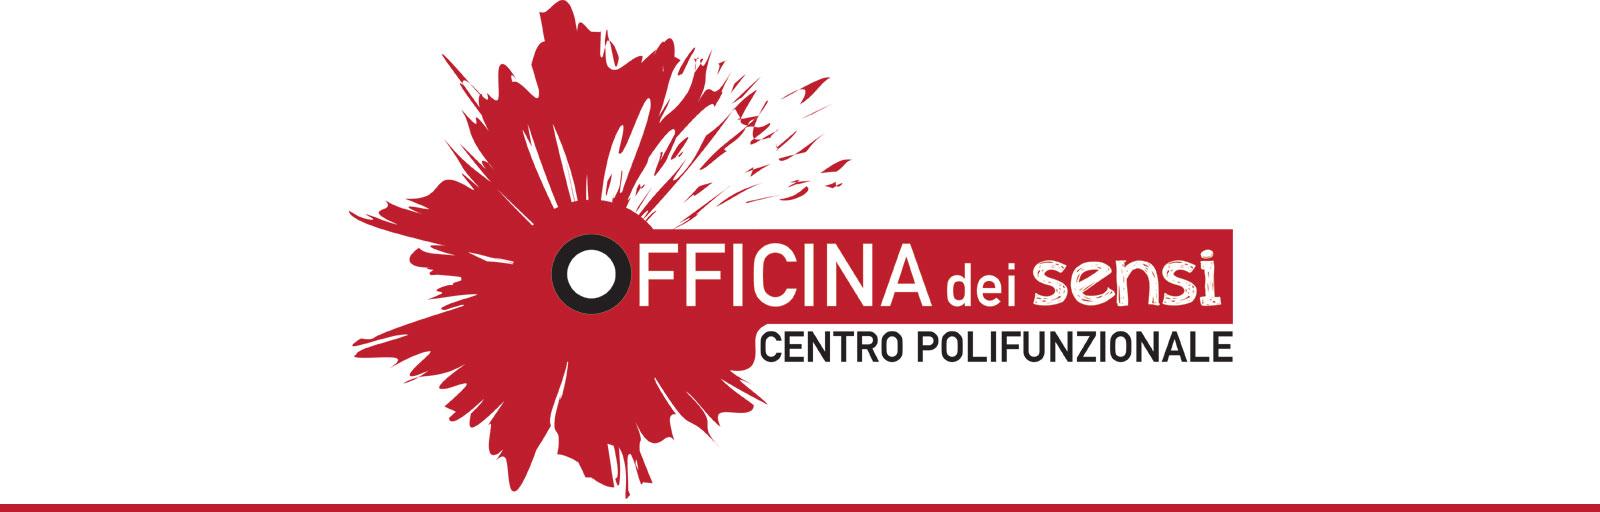 Officina dei sensi - Ascoli Piceno